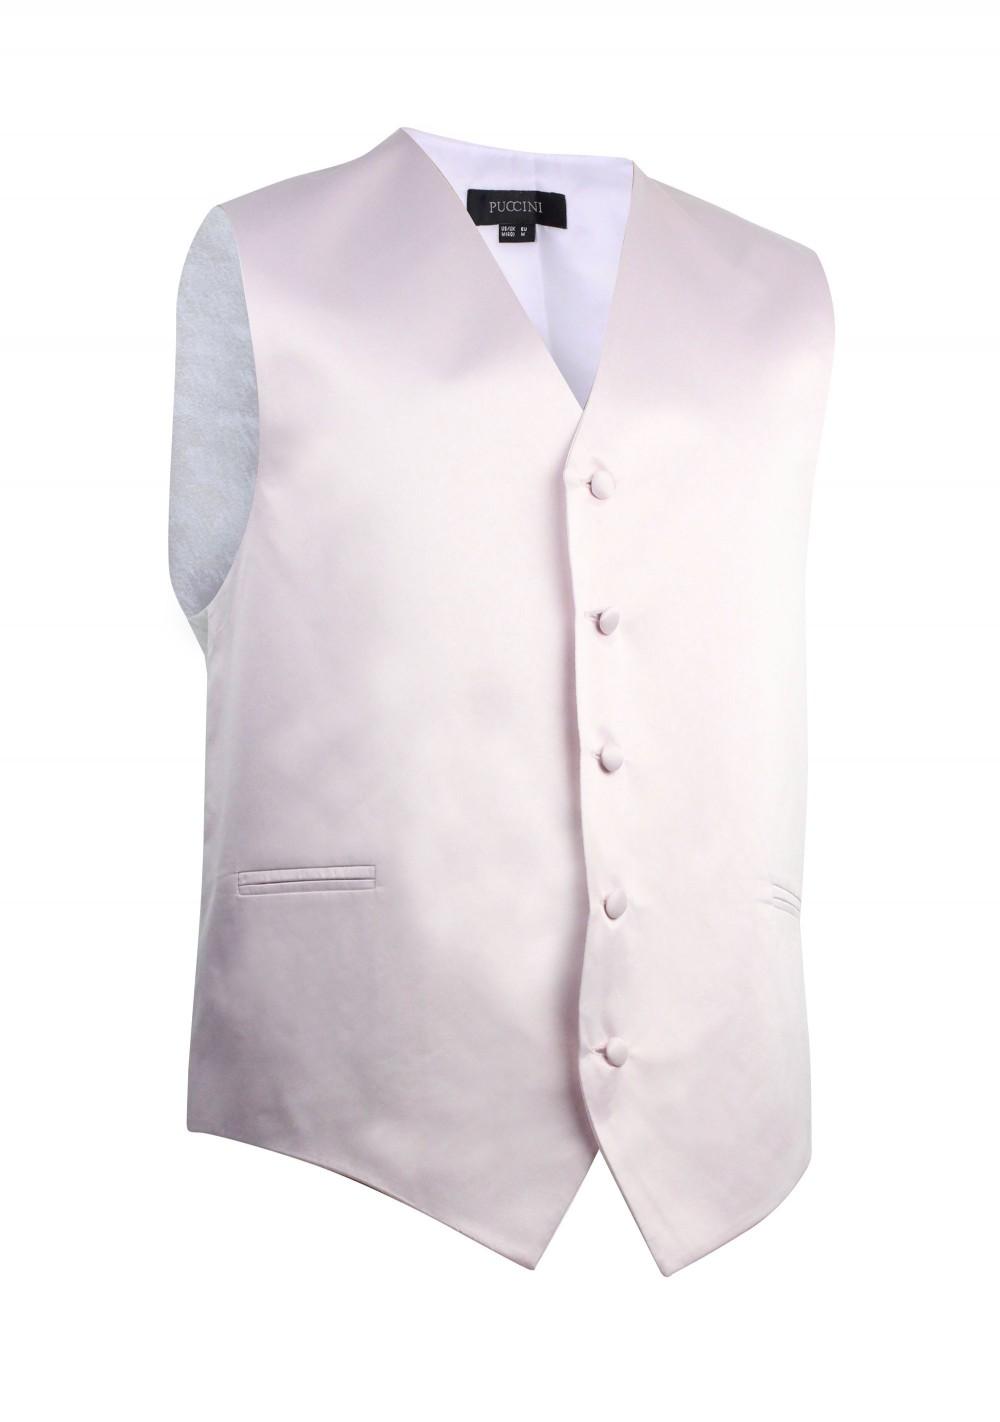 Kids Vest in Blush Pink Satin